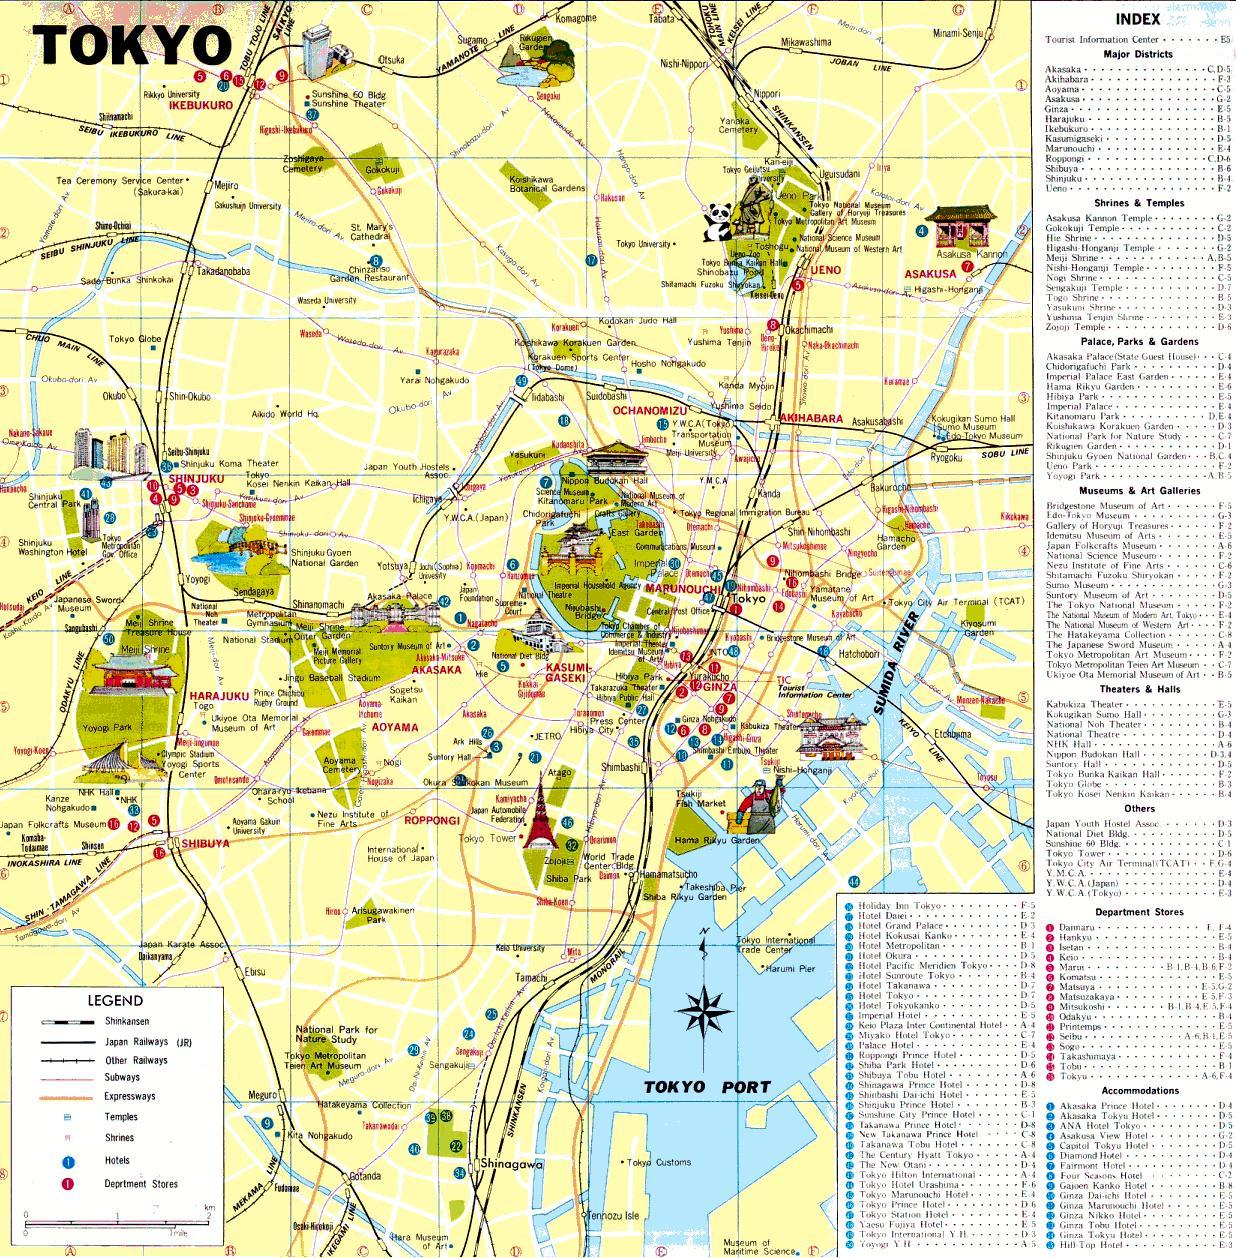 Tokyo sightseeing map Tokyo sights map Kant Japan